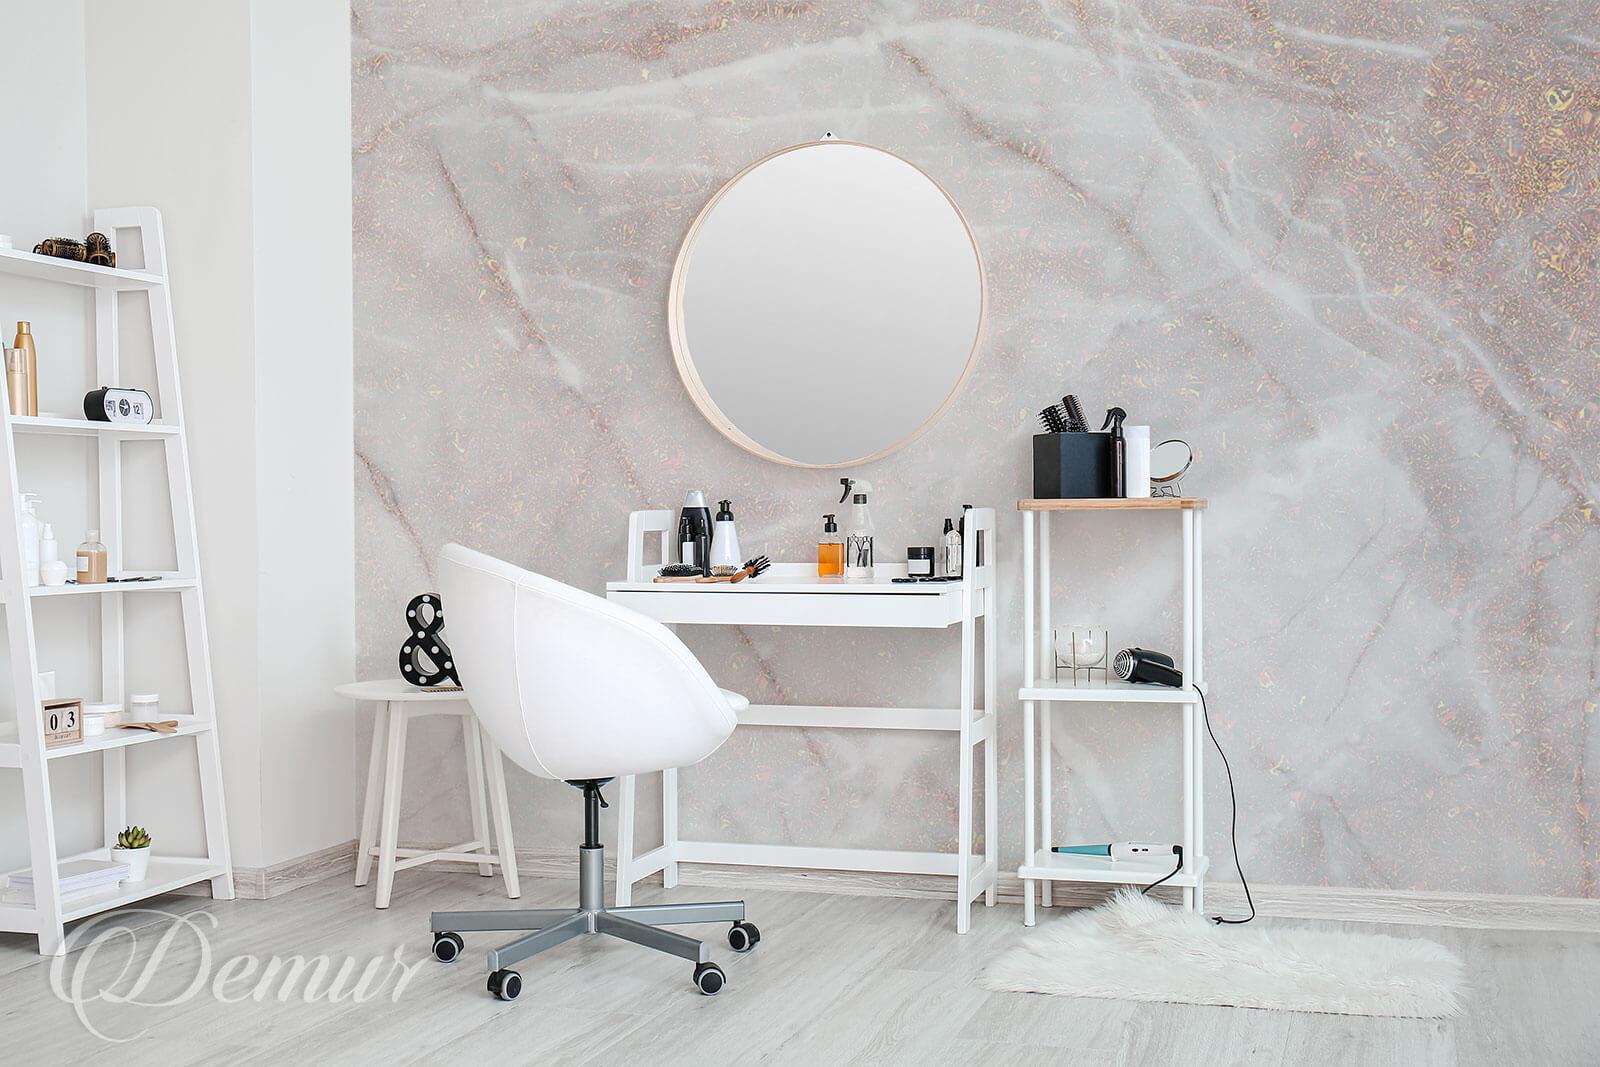 Fototapeta Błyszczący marmur - Fototapety do salonu kosmetycznego - Demur